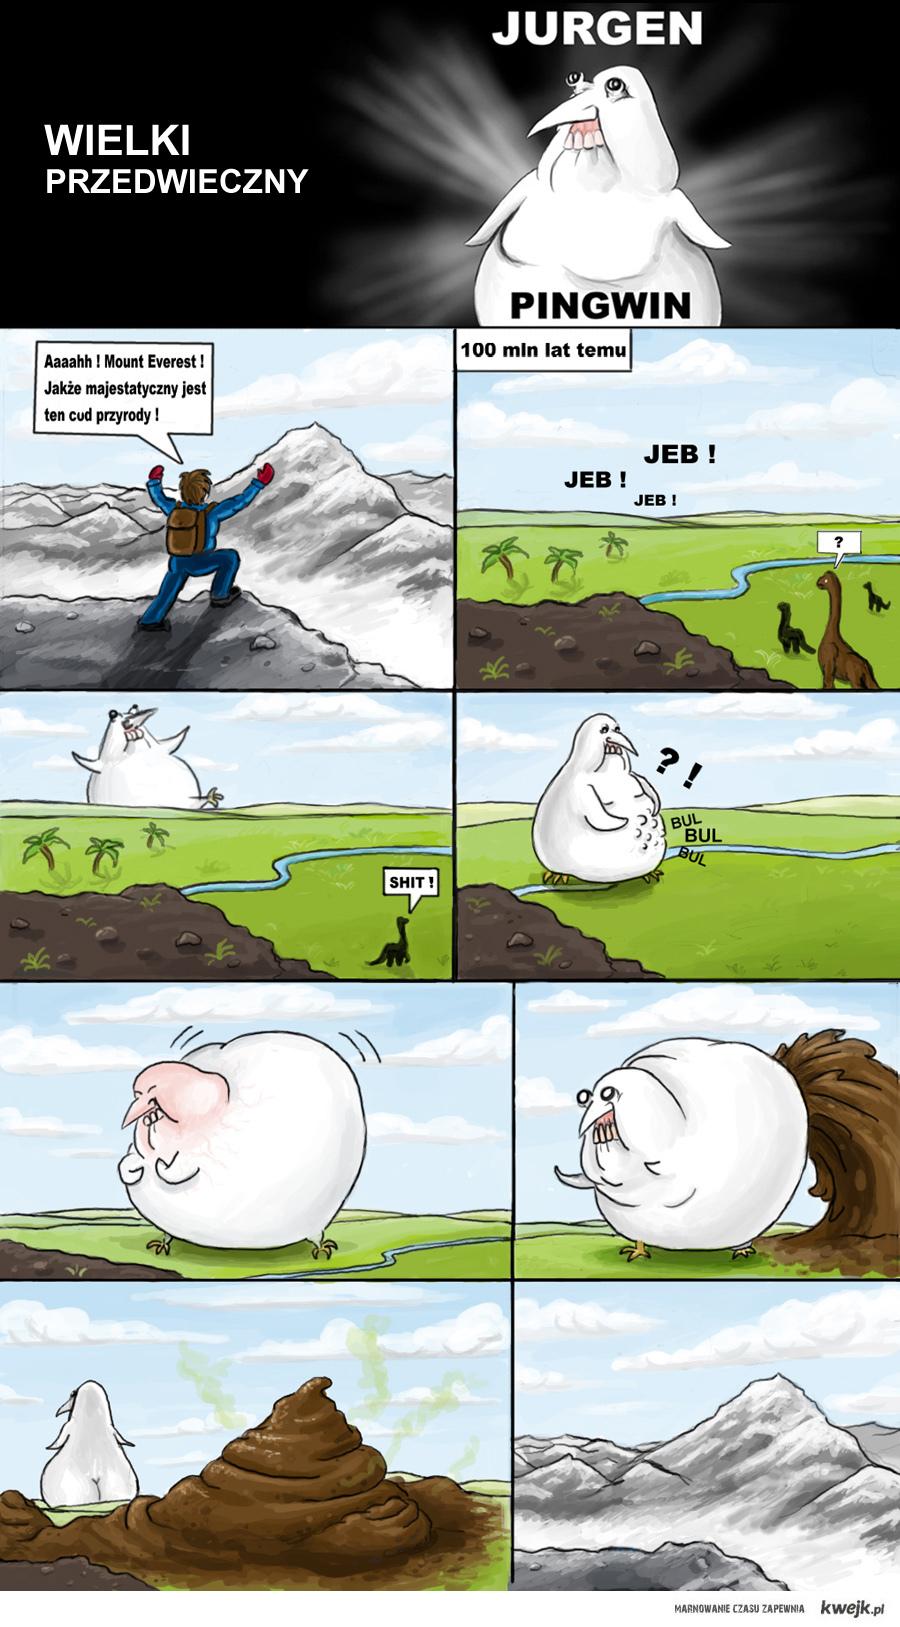 jurgen pingwin - mount everest